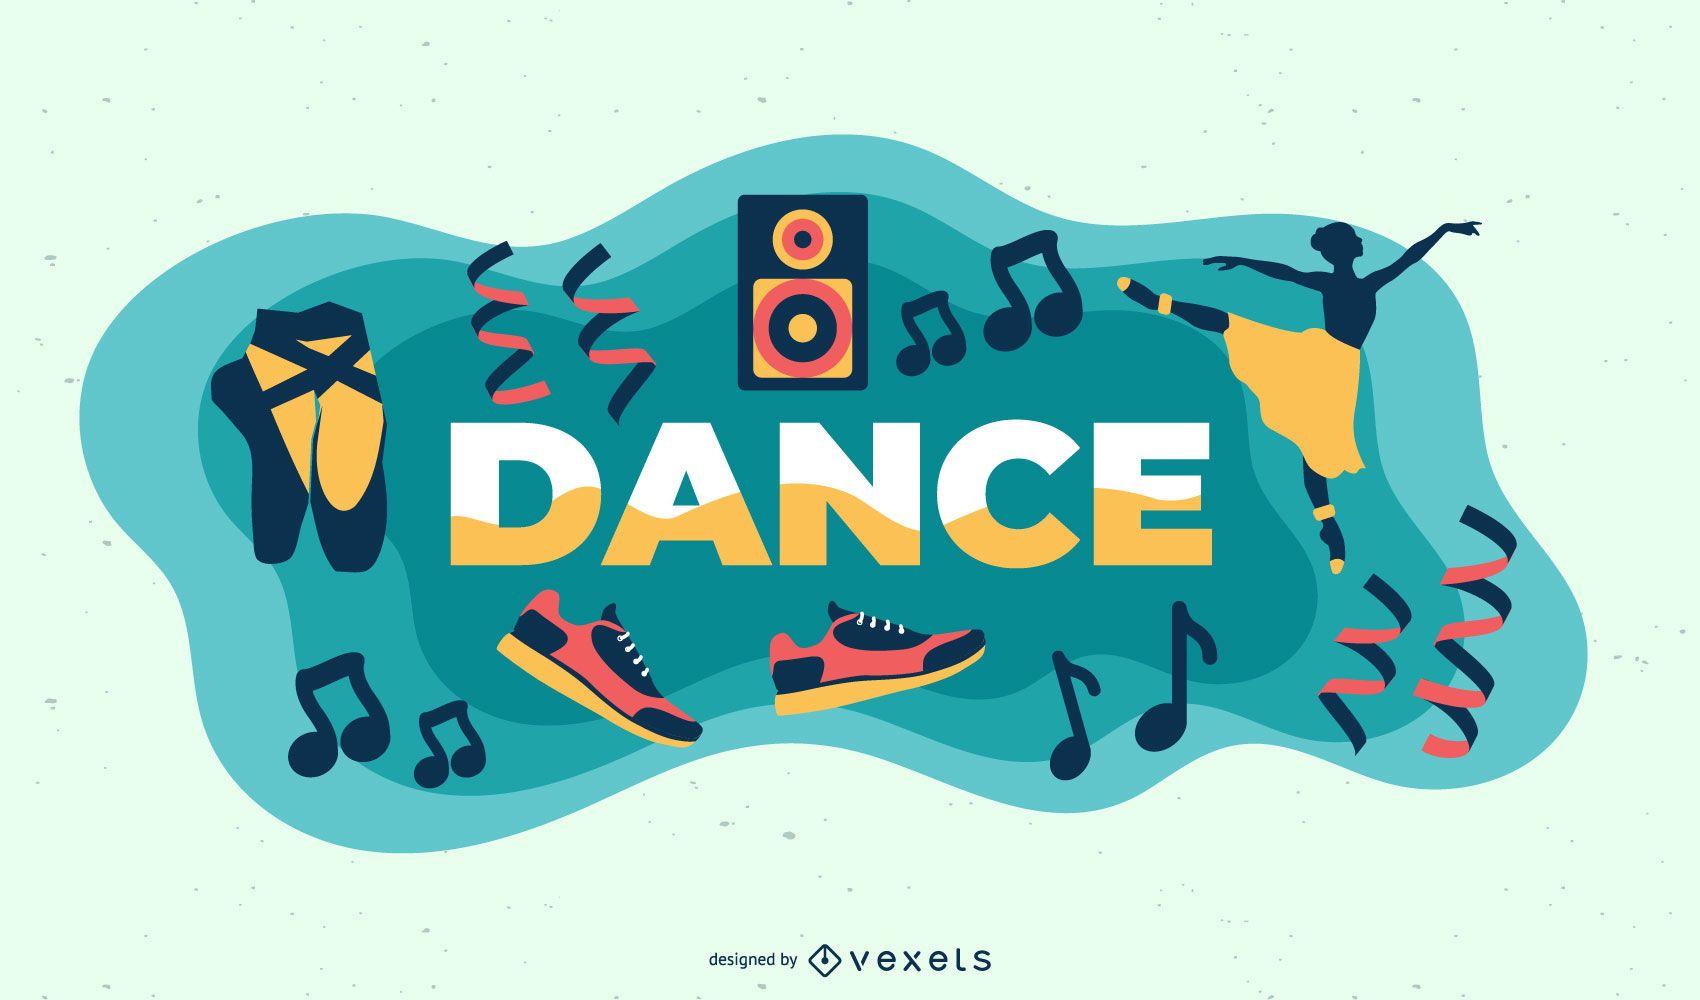 Dance subject illustration